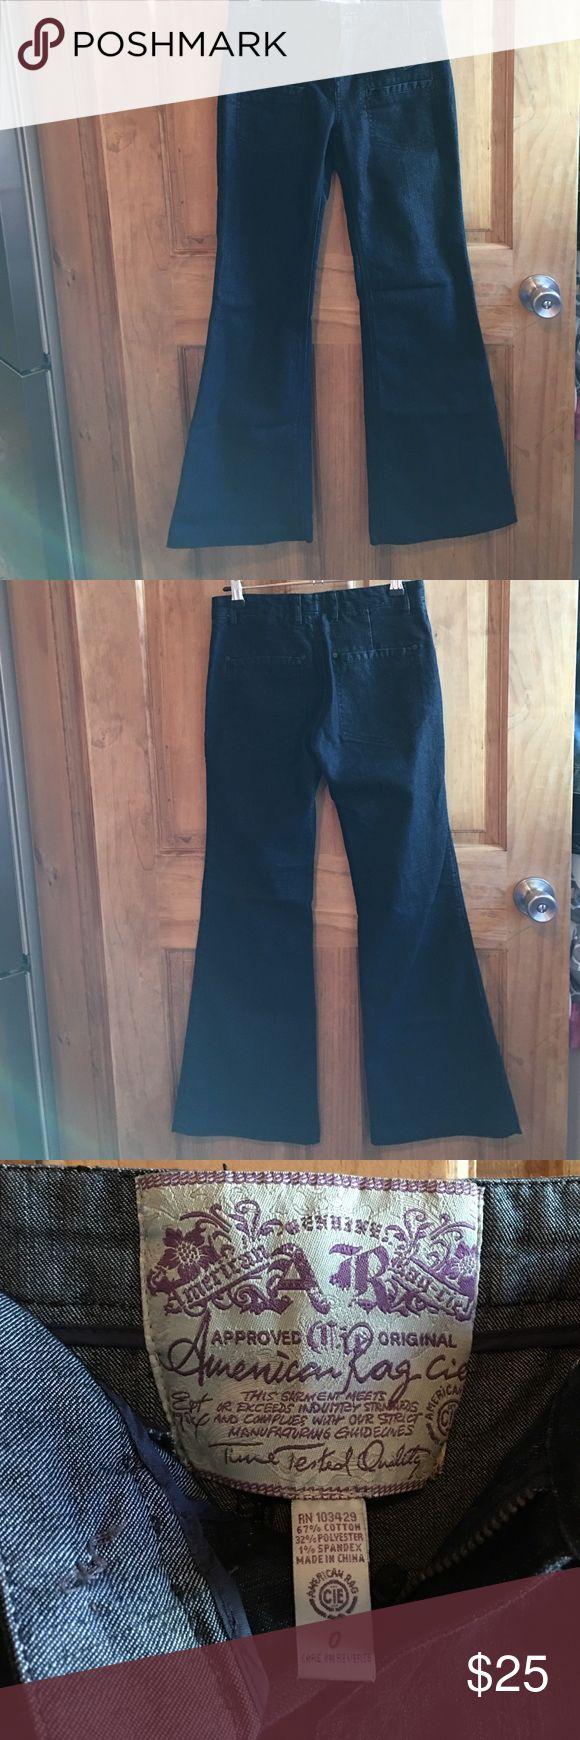 NWOT American Rag jeans ✨Never worn NWOT American Rag dark wash flare blue jeans. 👖 American Rag Jeans